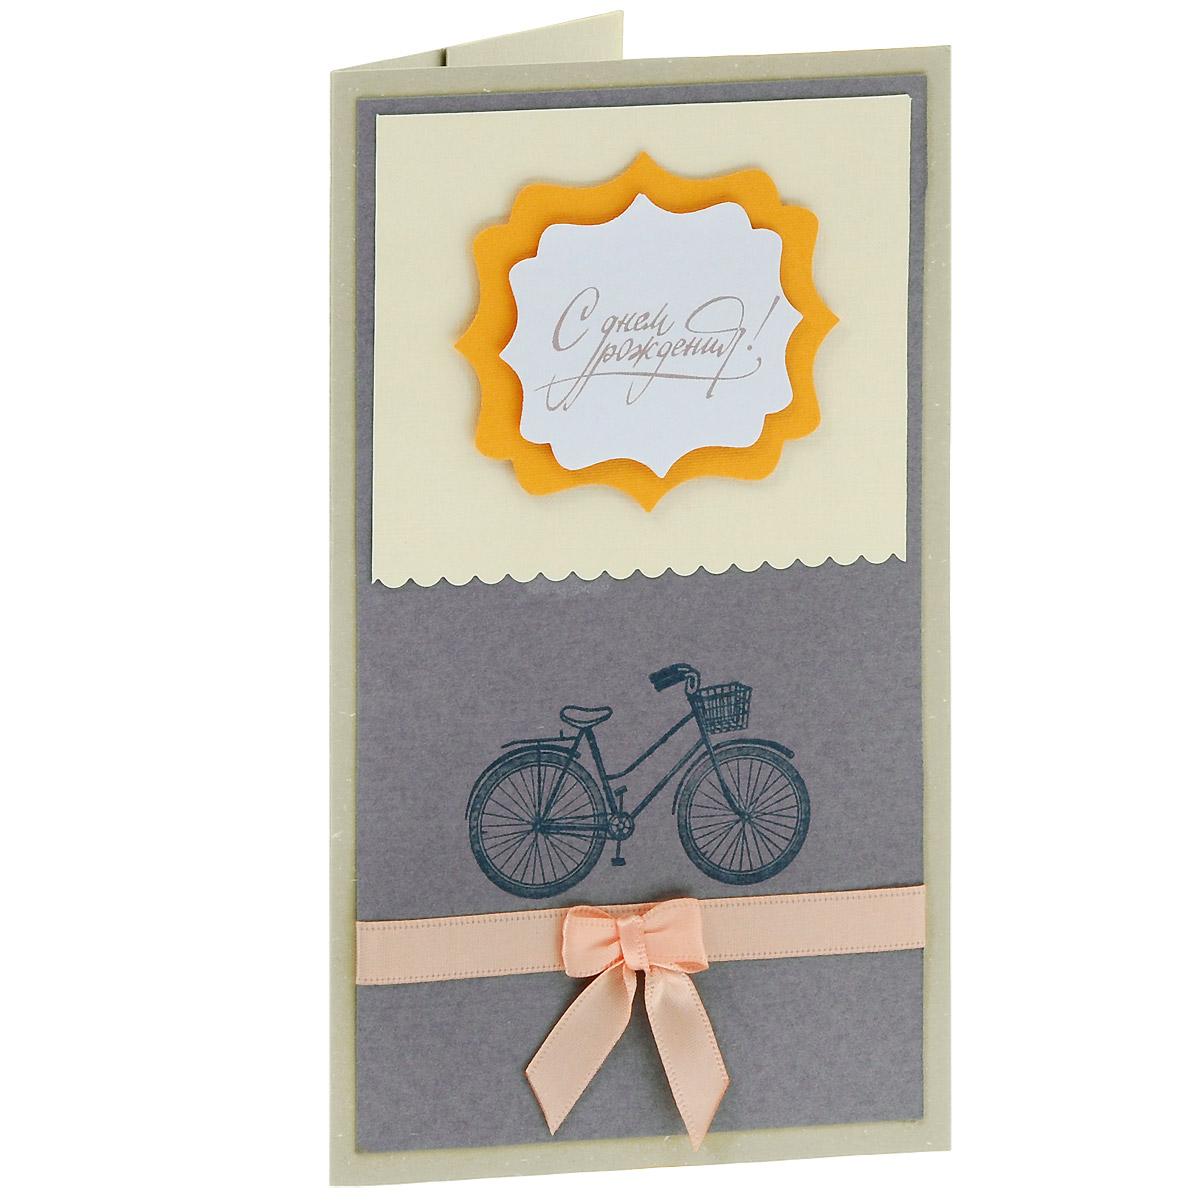 ОЖ-0023 Открытка-конверт «С Днём Рождения!» (велосипед, серо-персиковая). Студия «Тётя Роза»SPB006Характеристики: Размер 19 см x 11 см. Материал: Высоко-художественный картон, бумага, декор. Данная открытка может стать как прекрасным дополнением к вашему подарку, так и самостоятельным подарком. Так как открытка является и конвертом, в который вы можете вложить ваш денежный подарок или просто написать ваши пожелания на вкладыше. Сдержанная, но очень стильная открытка выполнена в благородных серо-охристых тонах. Центральная надпись располагается на изящной фигурной табличке, послойно поднимающейся над общим фоном лицевой части. Милый персиковый бант из атласной ленты завершает композицию. Также открытка упакована в пакетик для сохранности. Обращаем Ваше внимание на то, что открытка может незначительно отличаться от представленной на фото.